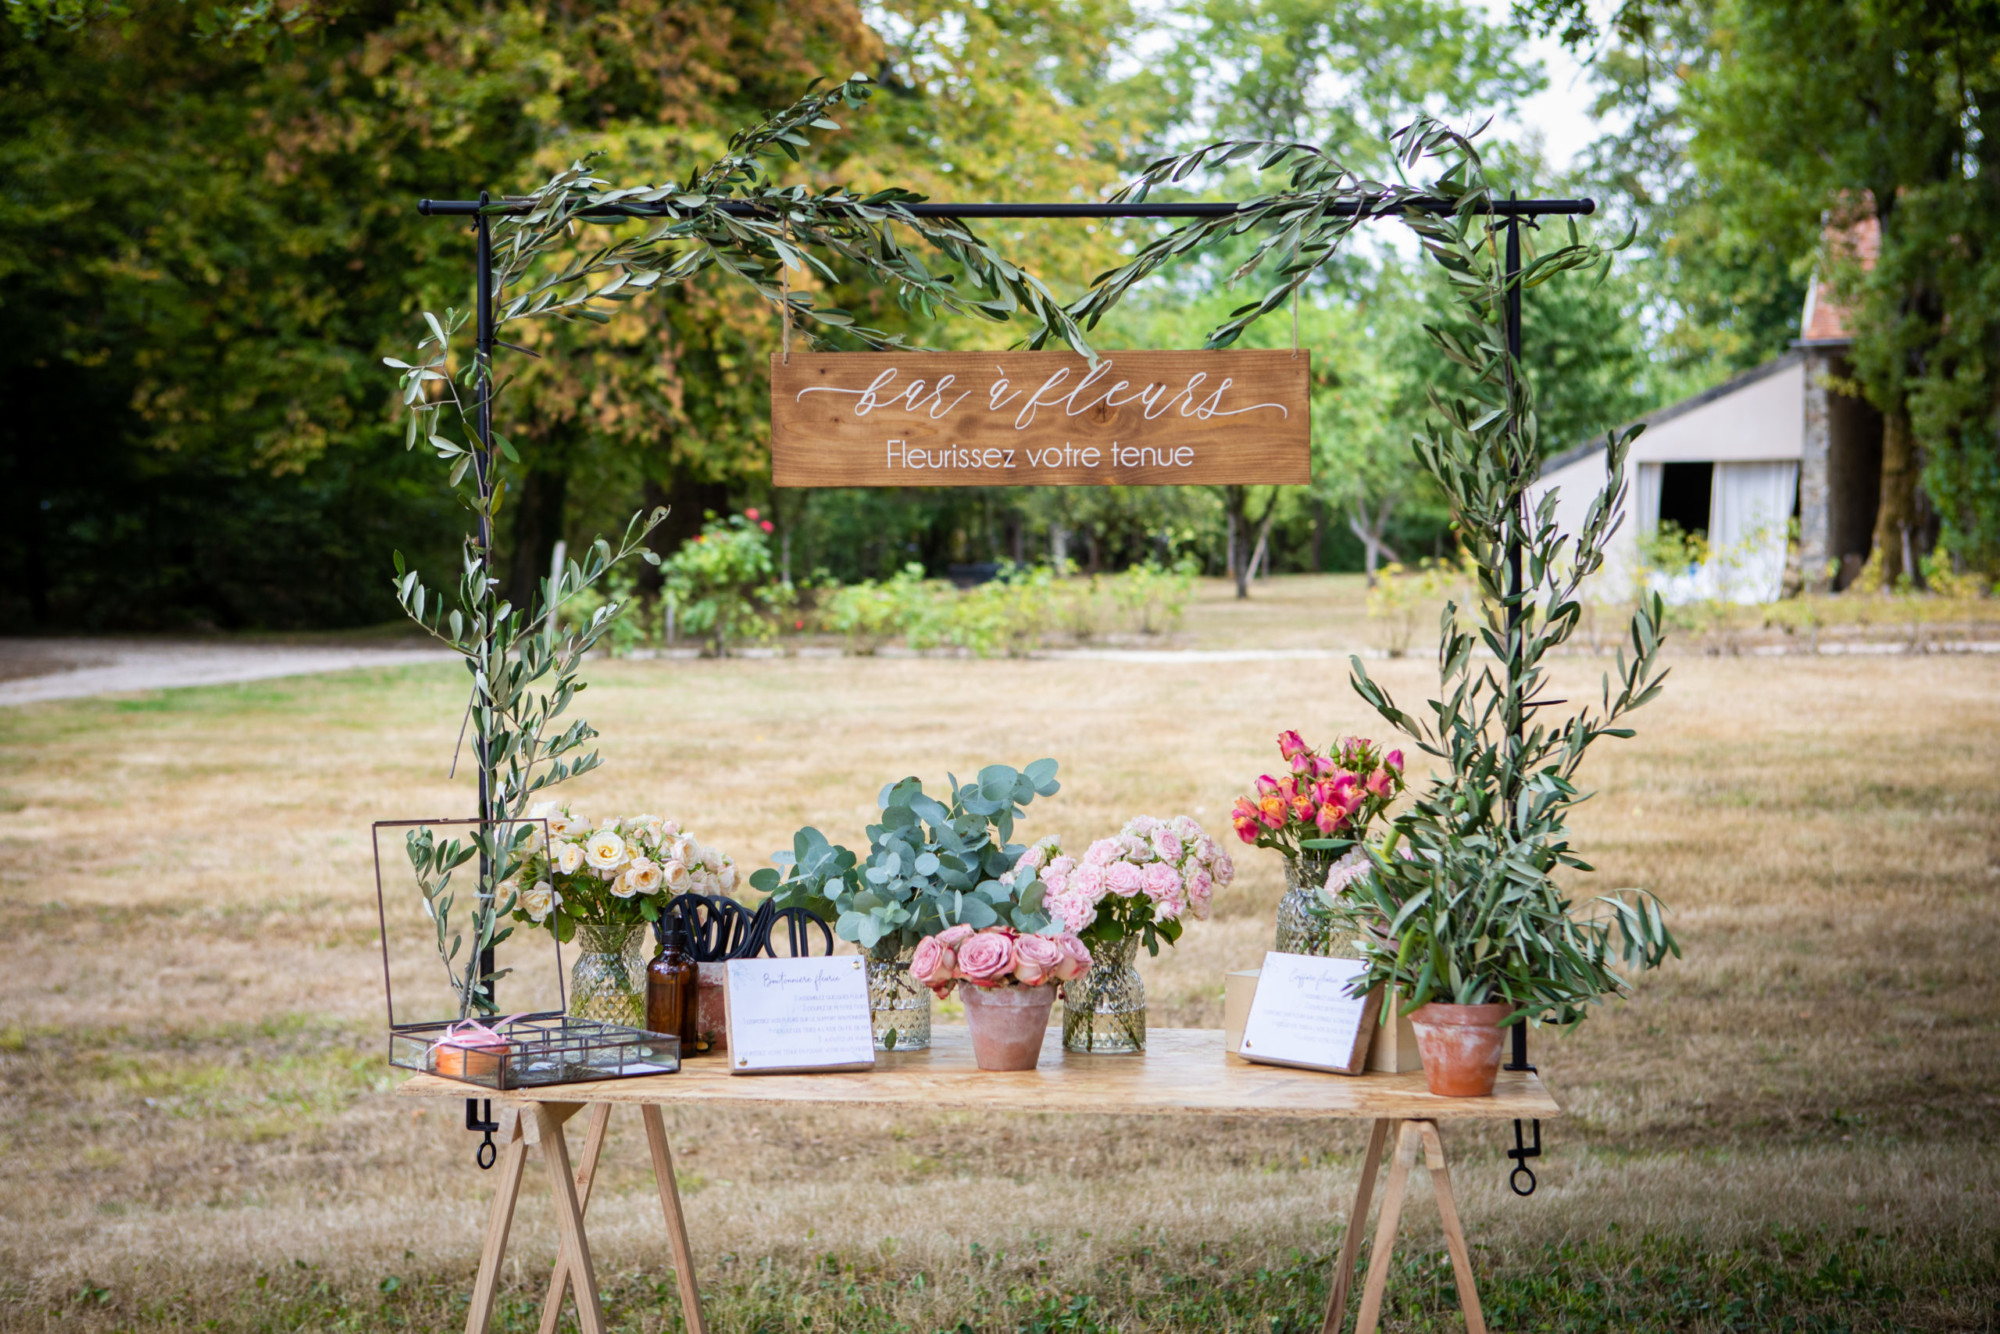 bar à fleurs, fleuriste mariage, décoration mariage, animation mariage,mariage ile de france, mariage seine et marne, mariage Paris,